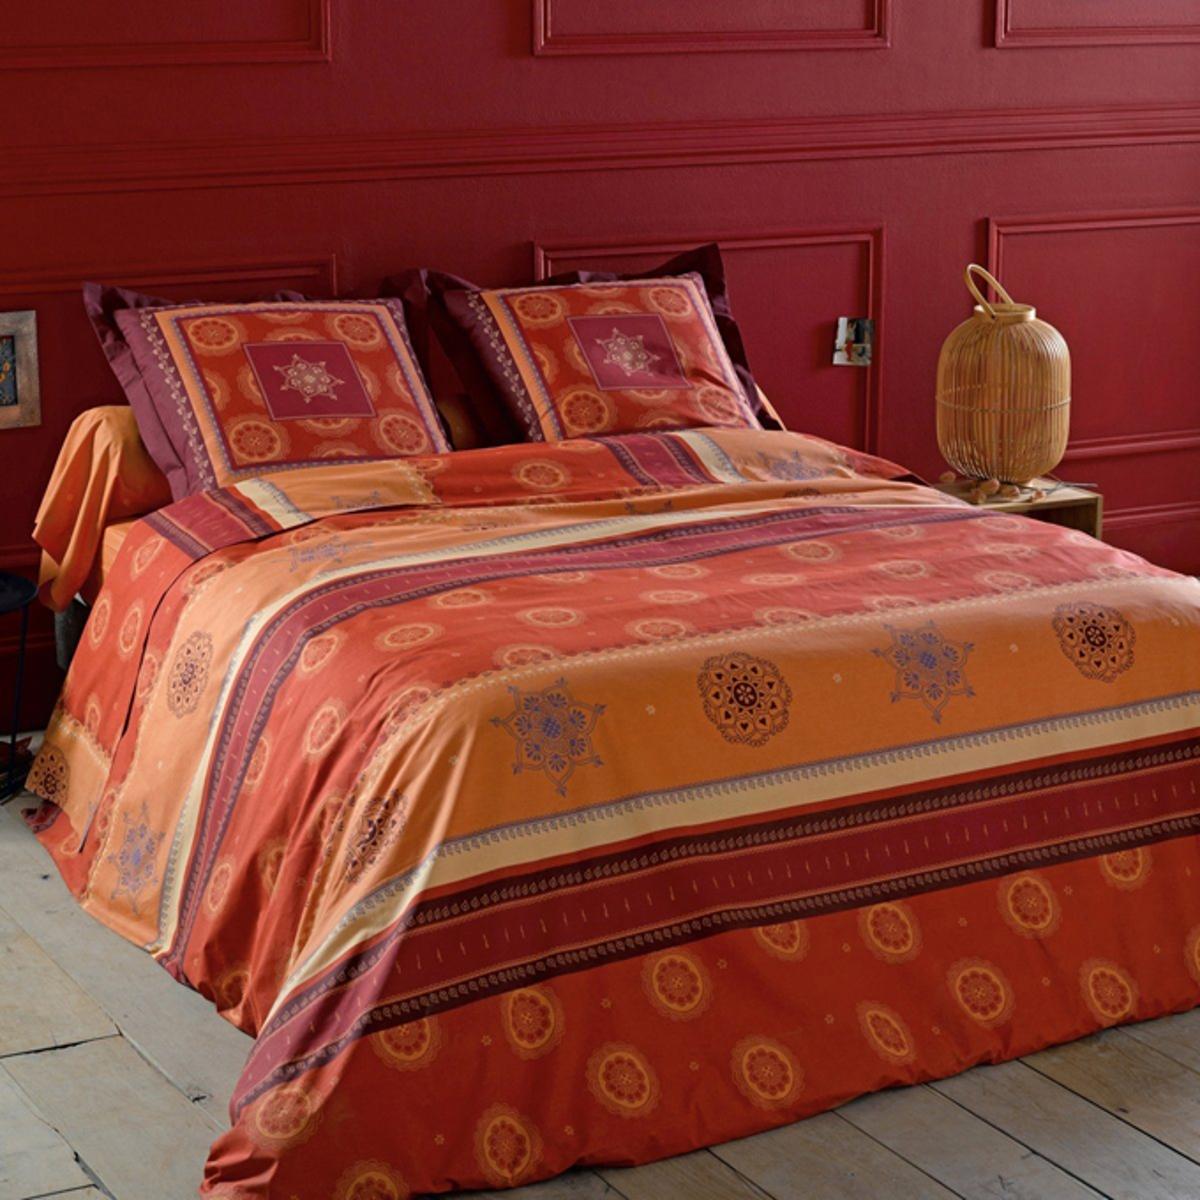 Наволочка на подушку-валик, AgadirХарактеристики наволочки на подушку-валик Agadir :Наволочка на подушку-валик с микрорисунком на фоне цвета охры.100% хлопок, 52 нити/см? : чем больше нитей/см?, тем выше качество ткани.Машинная стирка при 60 °С.Всю коллекцию постельного белья Agadir вы можете найти на сайте laredoute.ru Знак Oeko-Tex® гарантирует, что товары прошли проверку и были изготовлены без применения вредных для здоровья человека веществ.Размеры :85 x 185 см : наволочка на подушку-валик<br><br>Цвет: кирпично-оранжевый/охра